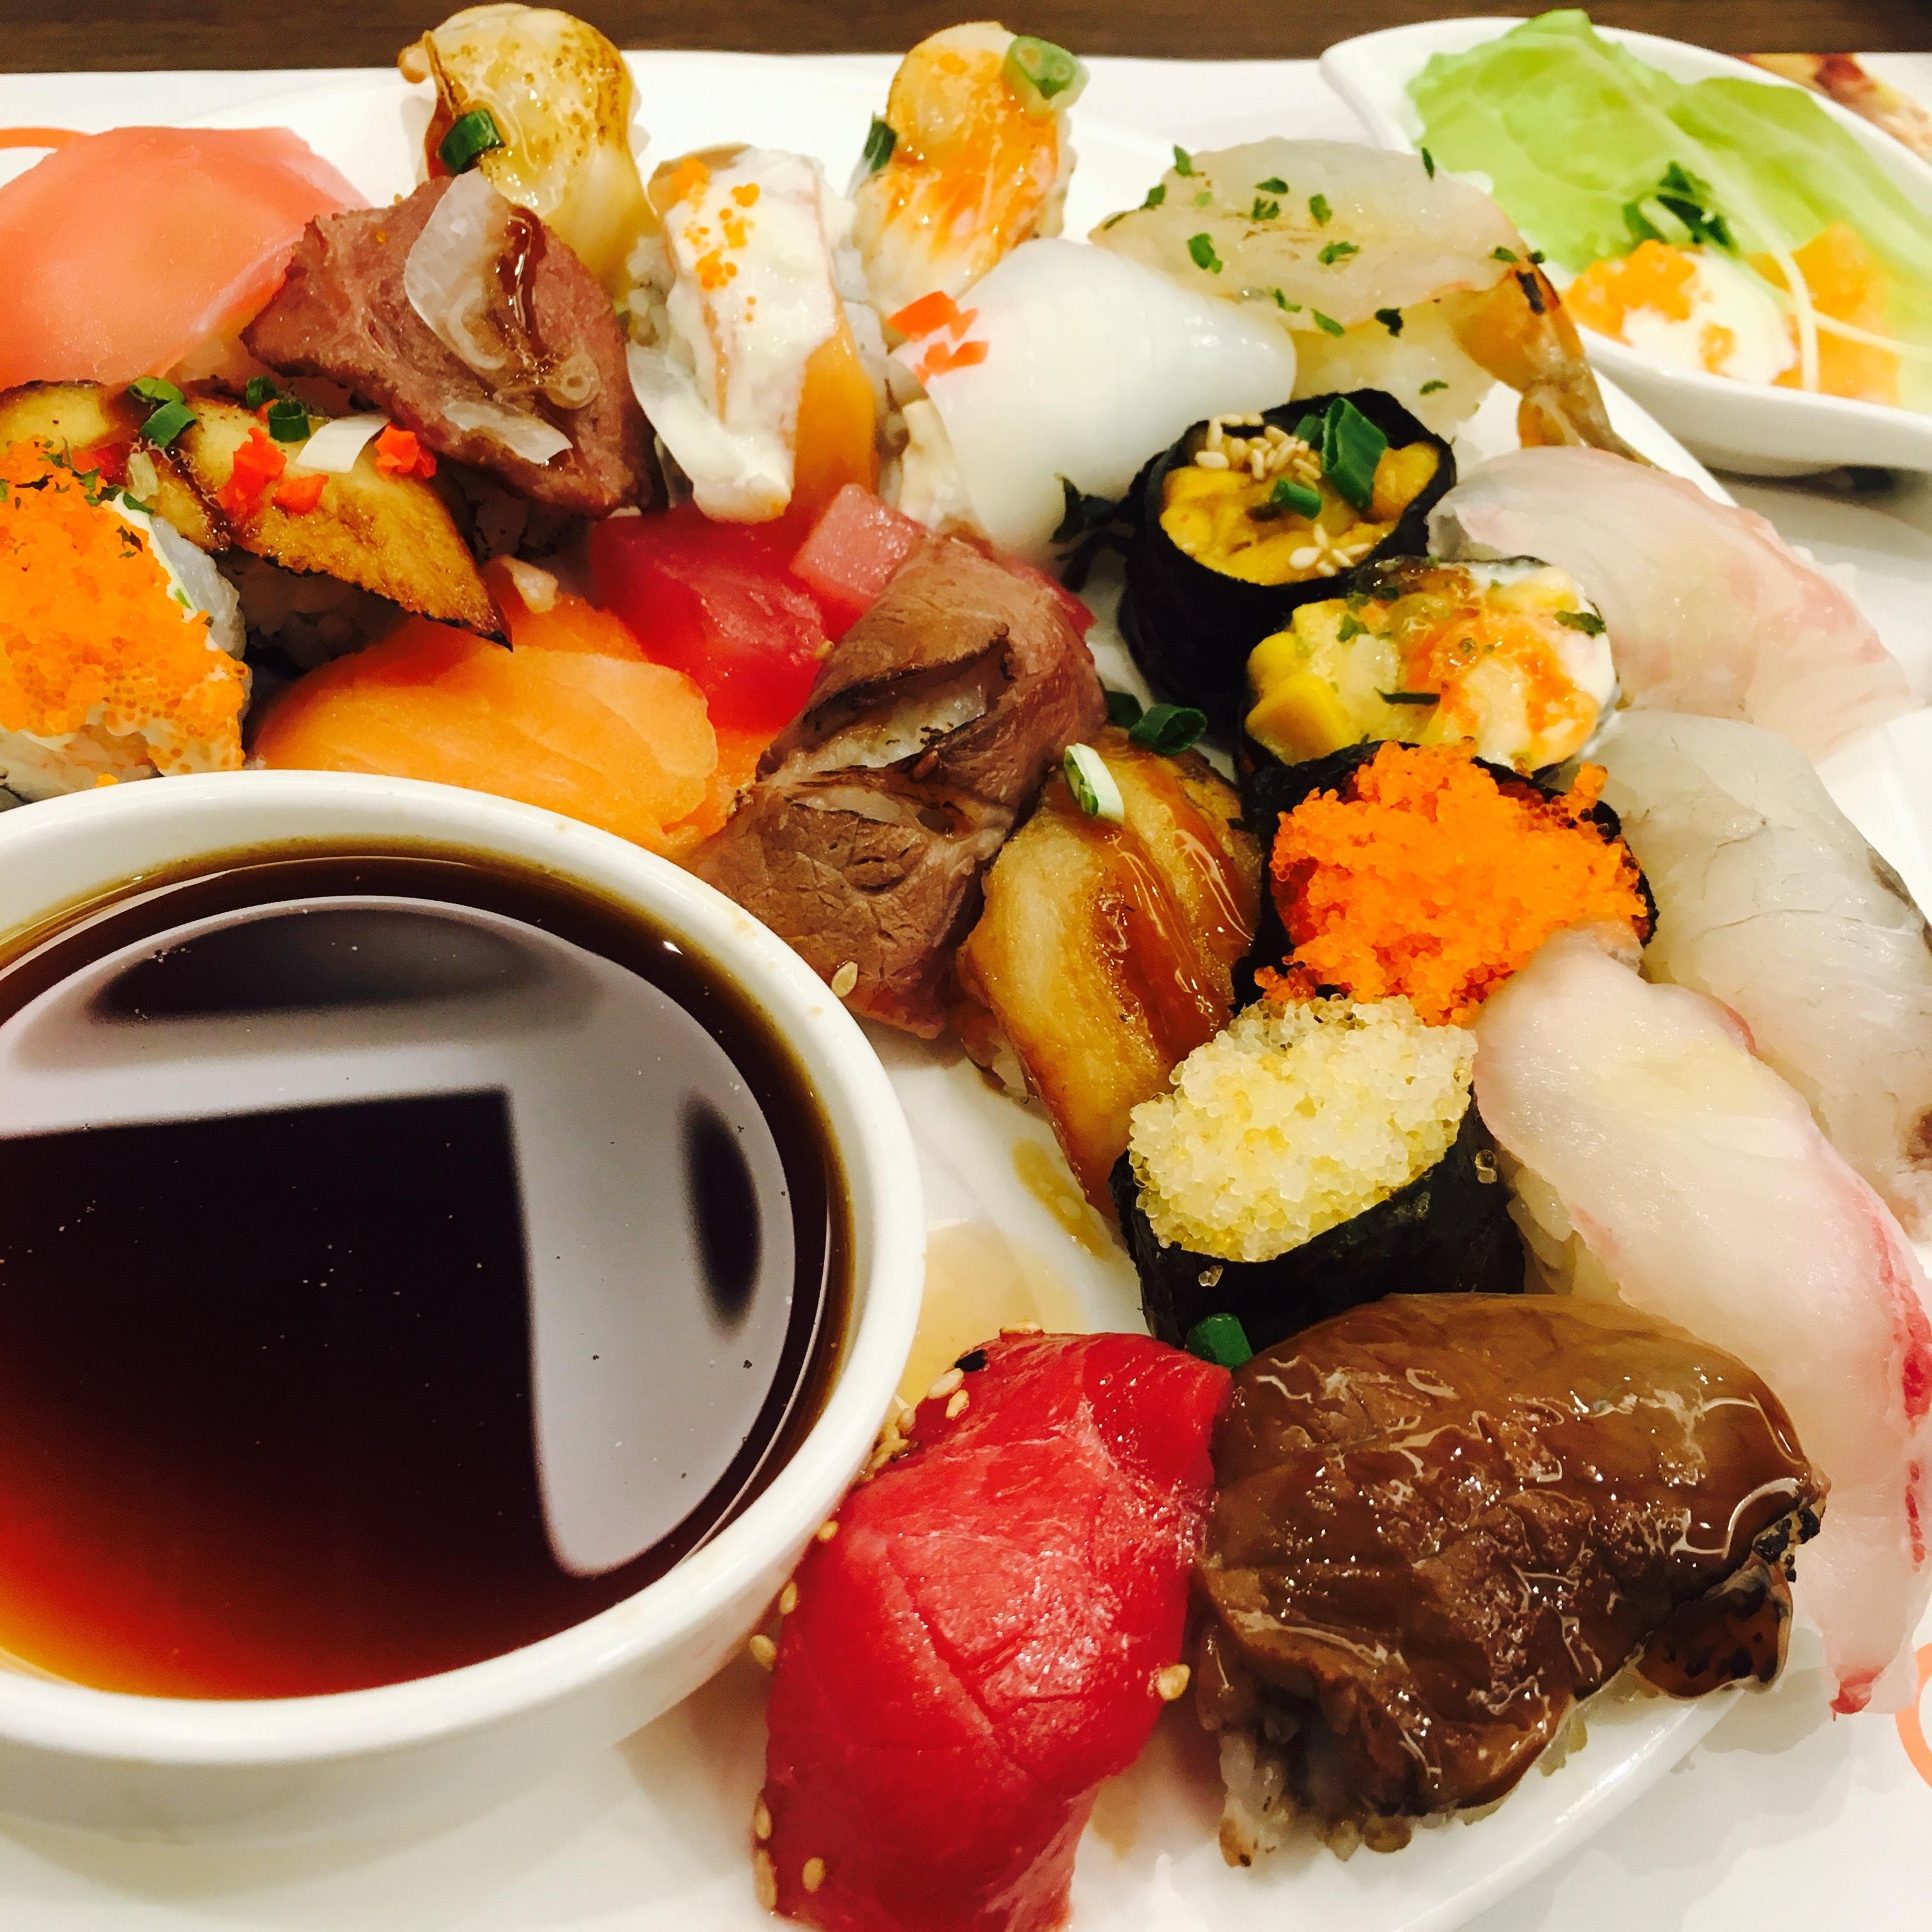 hora plato comida comida pescado desayuno carne almuerzo cocina delicioso buffet comida asitica sushi japons comedor